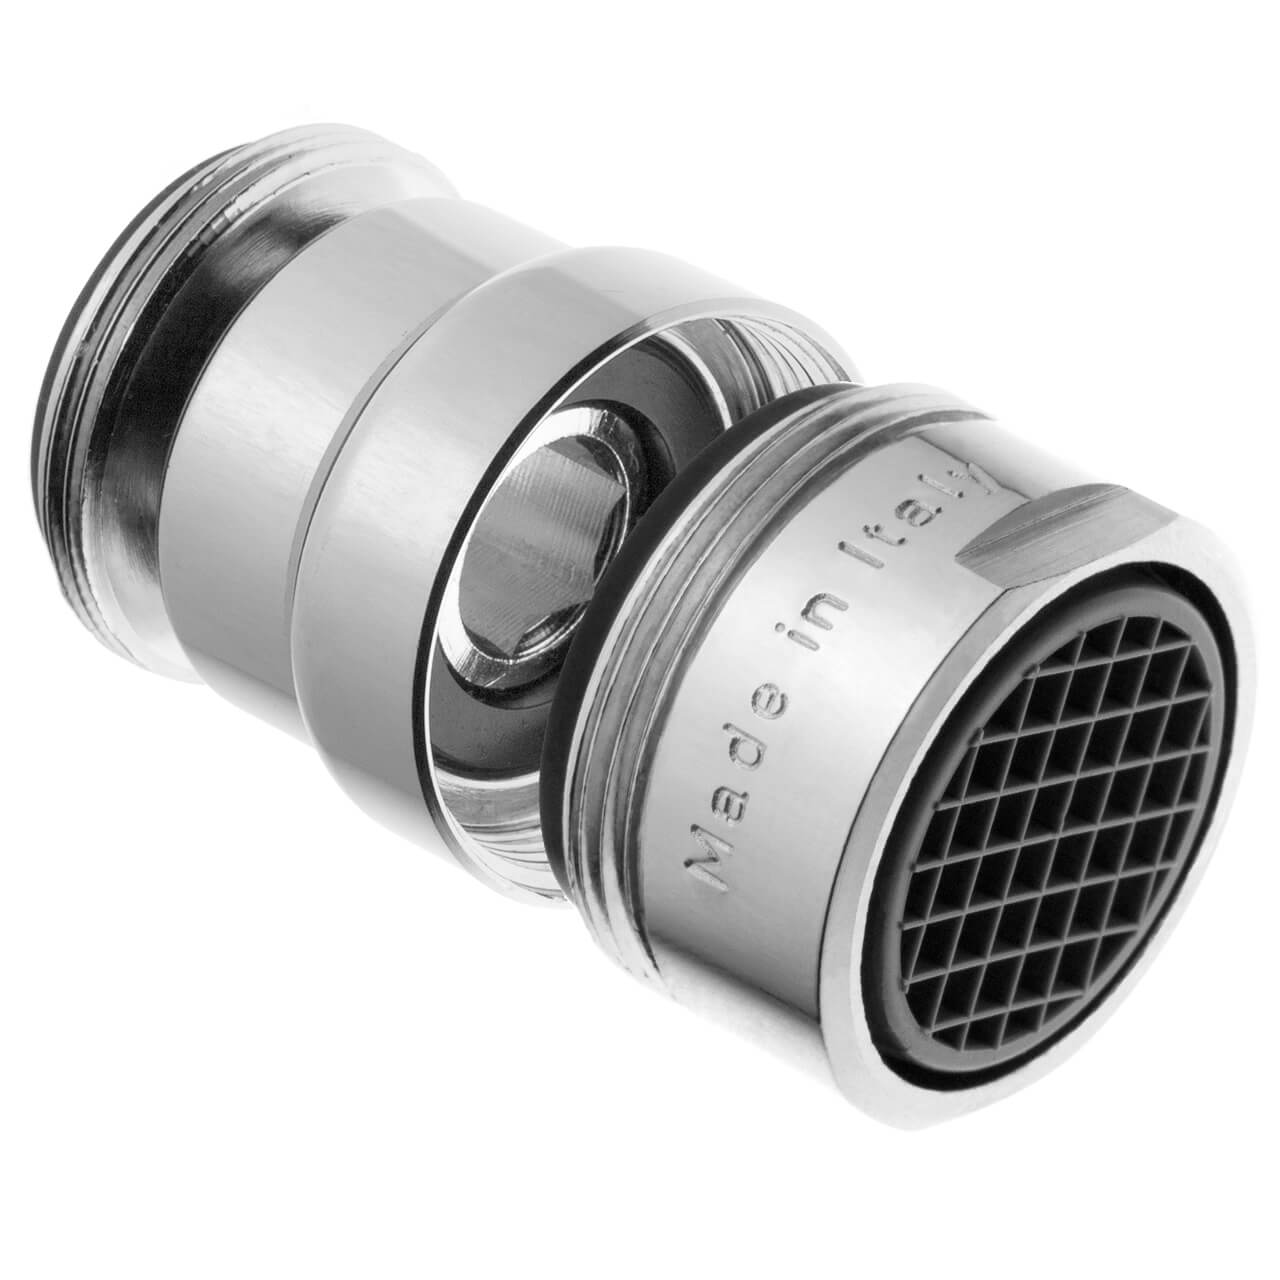 Przegub kulowy do baterii kuchennej Terla FreeLime - Gwint M24x1 zewnętrzny - najbardziej popularny